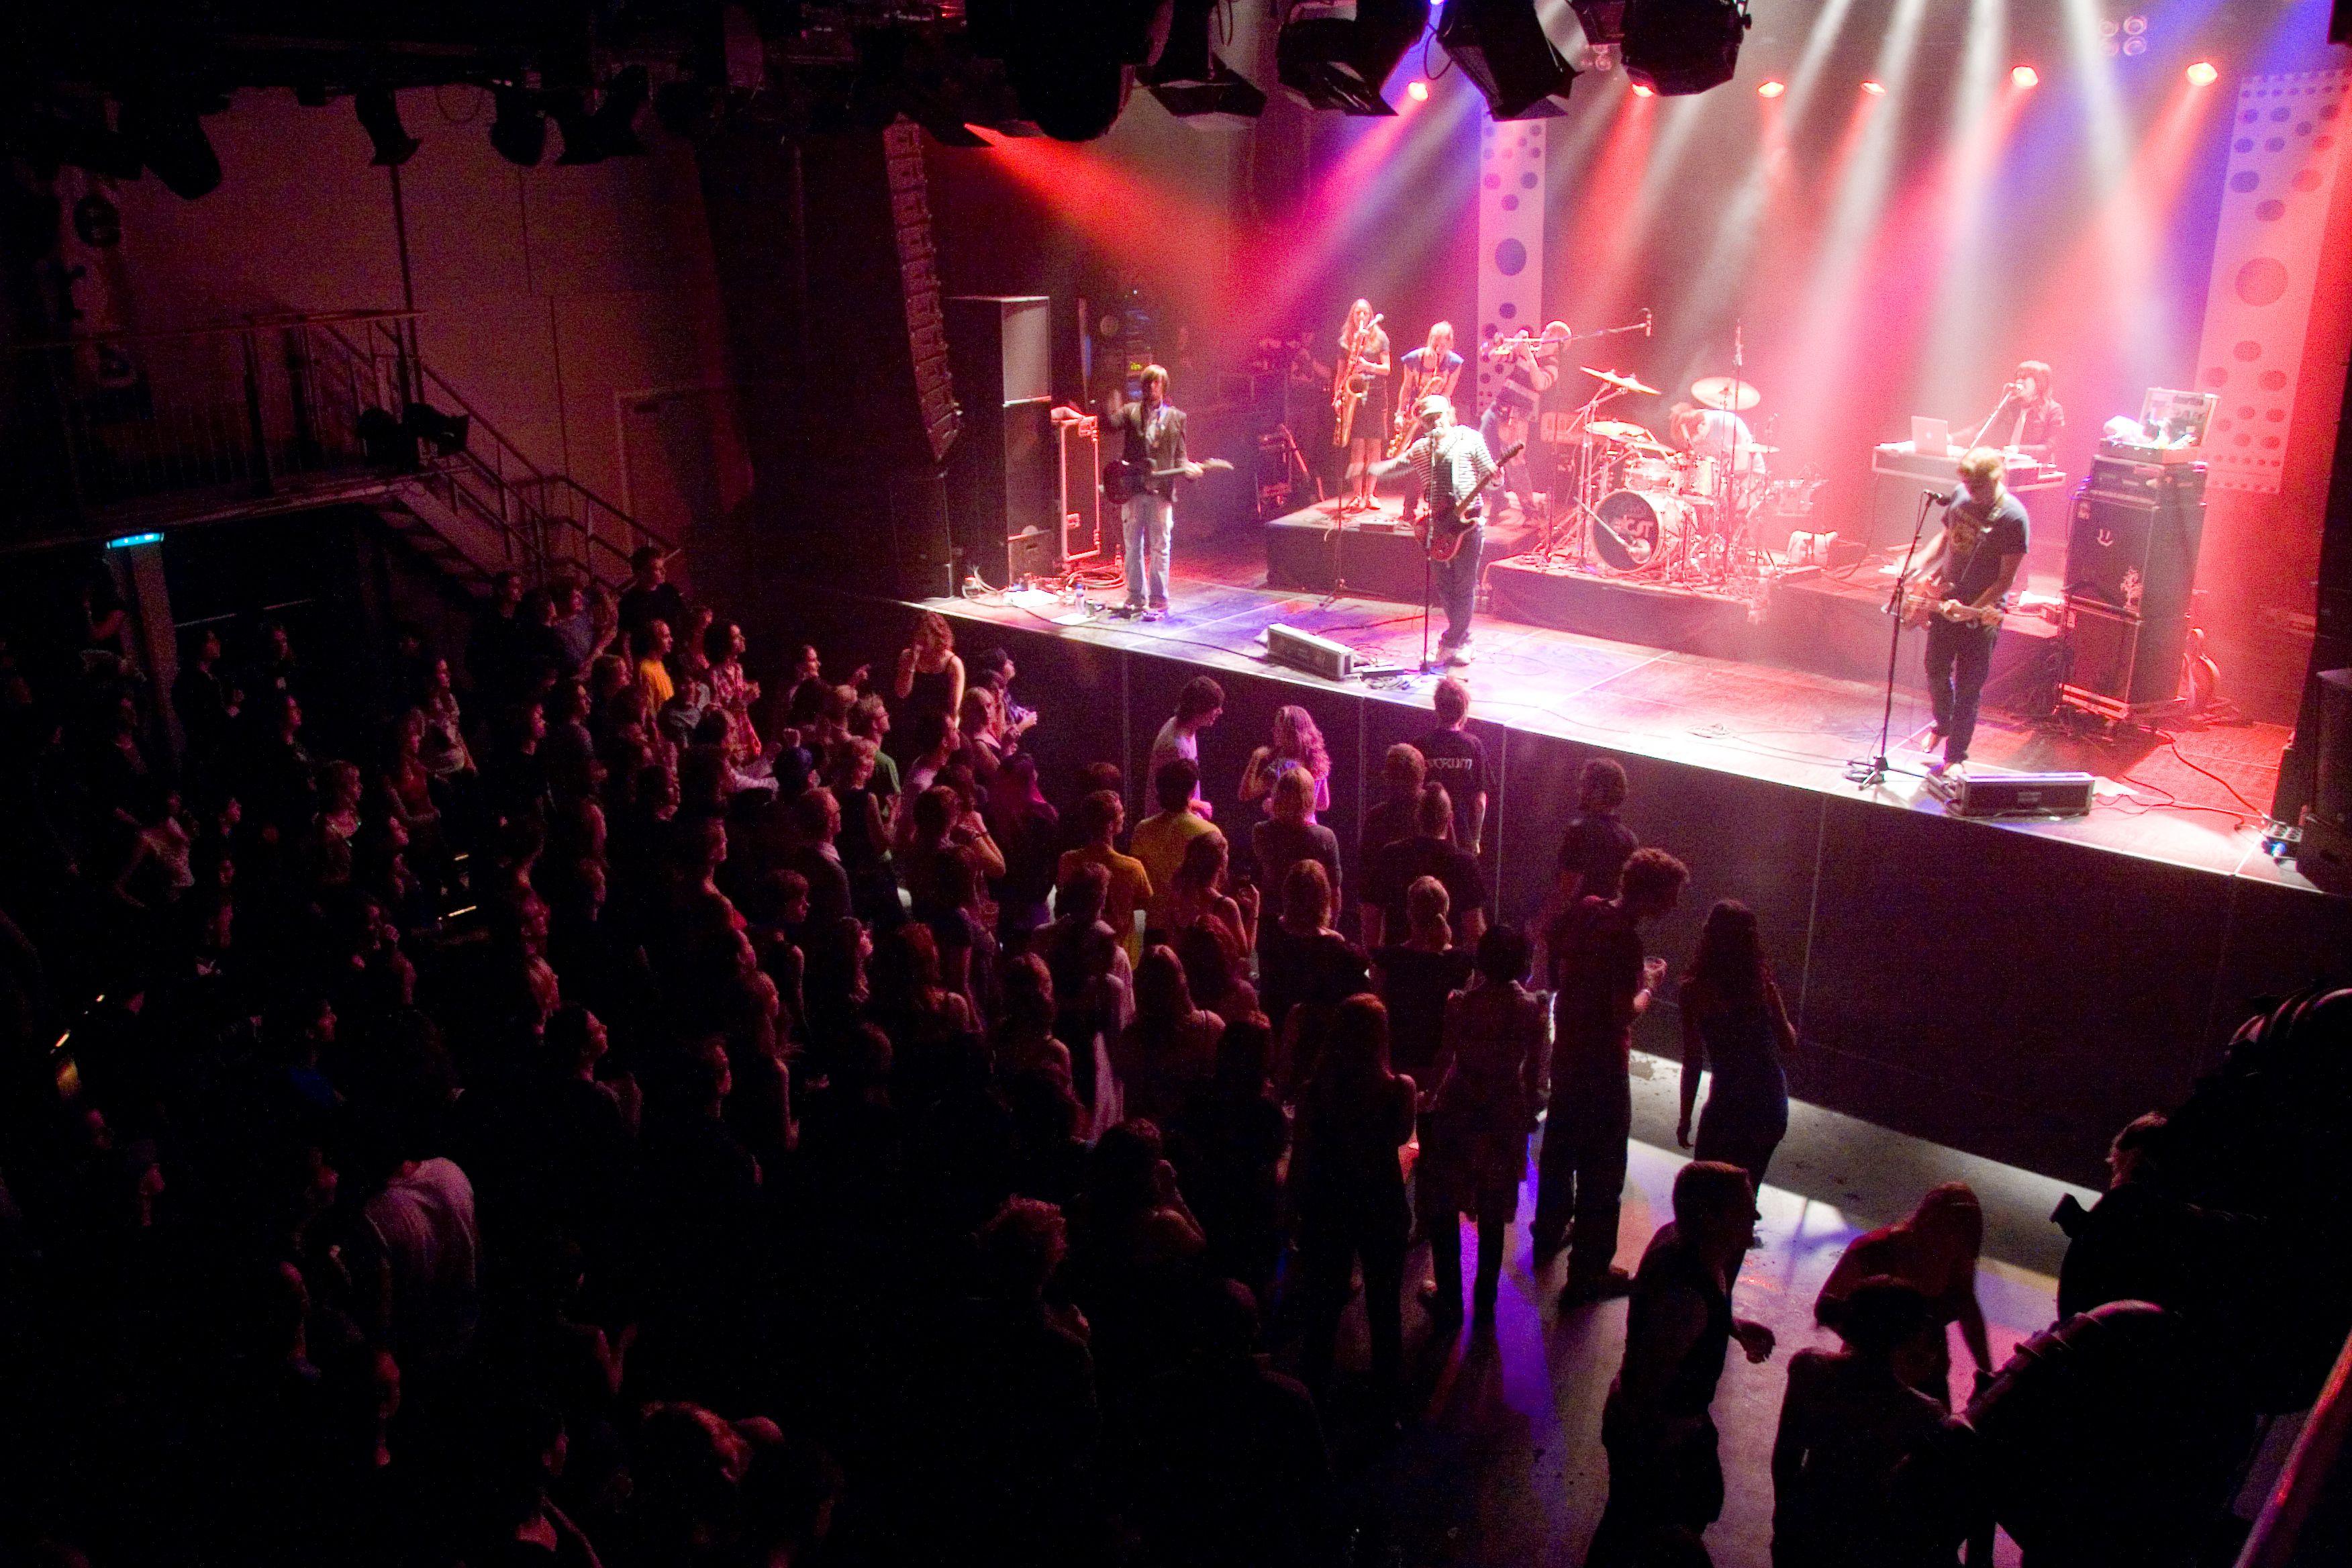 A band performing at Melkweg